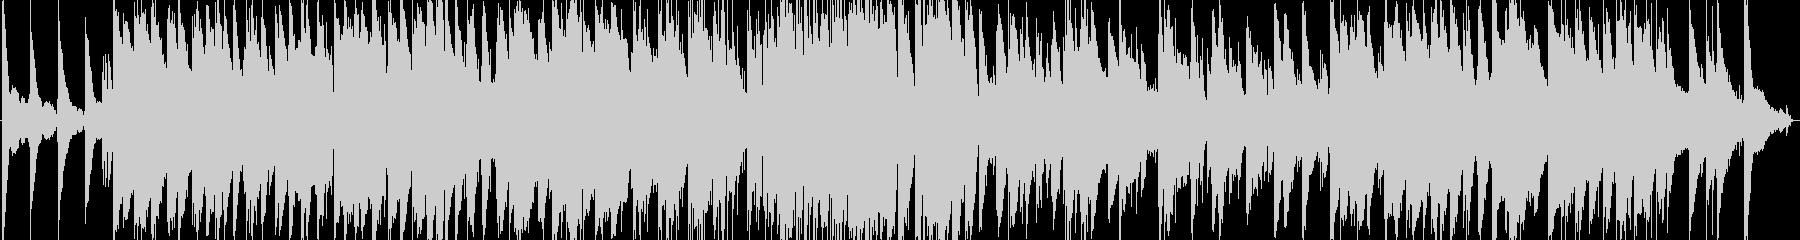 ゆったりとしたバラード風ピアノトリオの未再生の波形